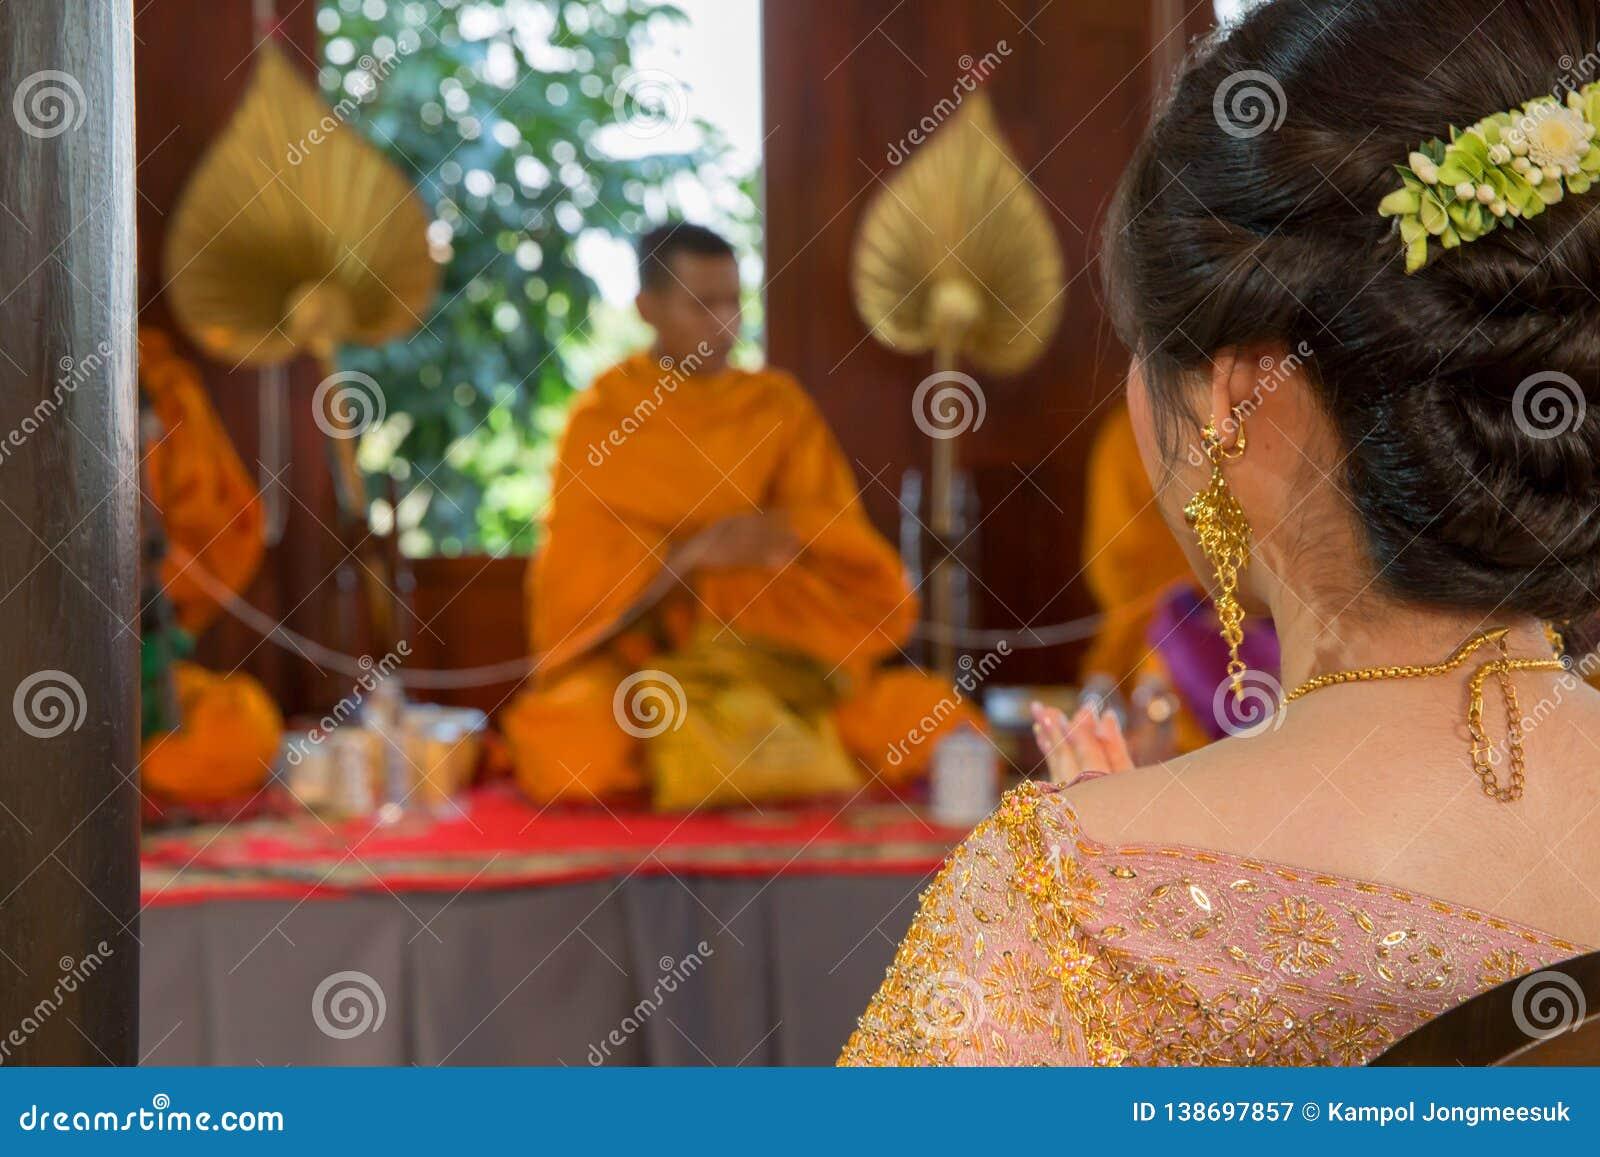 Thailändische Heiratsmönchzeremonie, Weichzeichnung